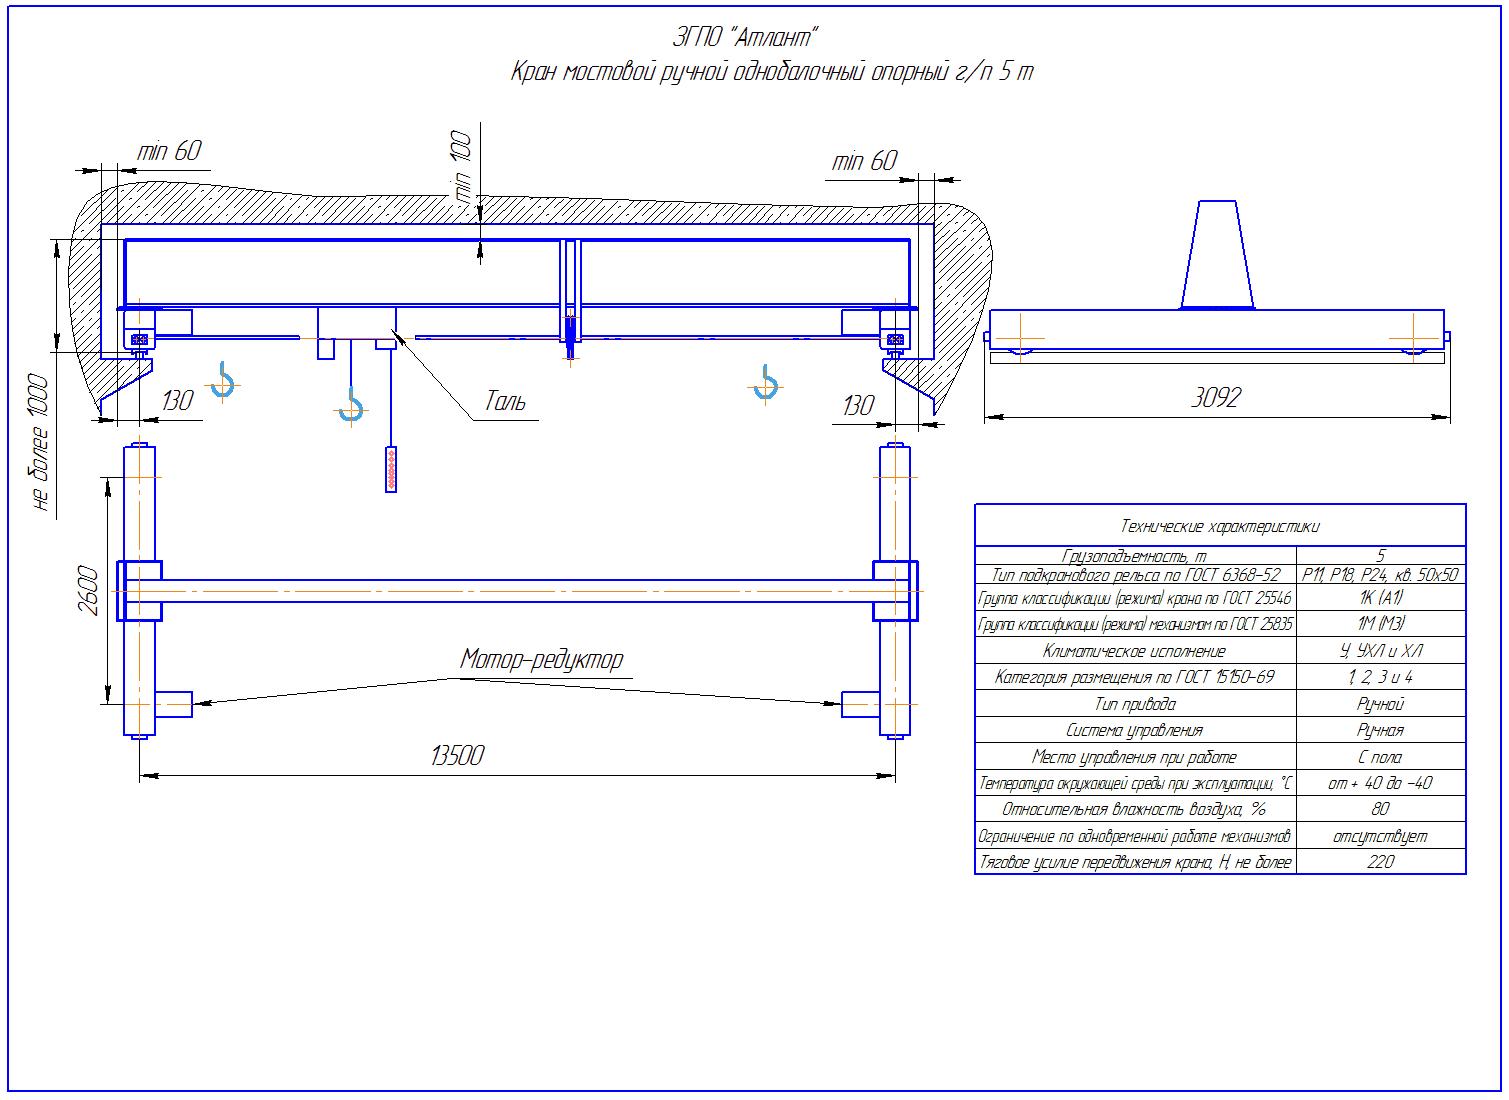 KRMOO 5 135 - Кран ручной мостовой опорный однобалочный